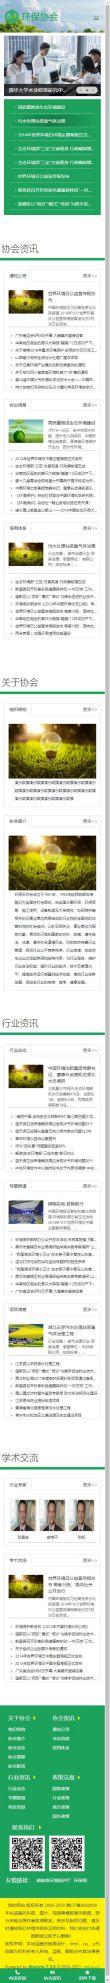 环境协会社团网站模板,环境协会社团网页模板,环境协会社团响应式网站模板